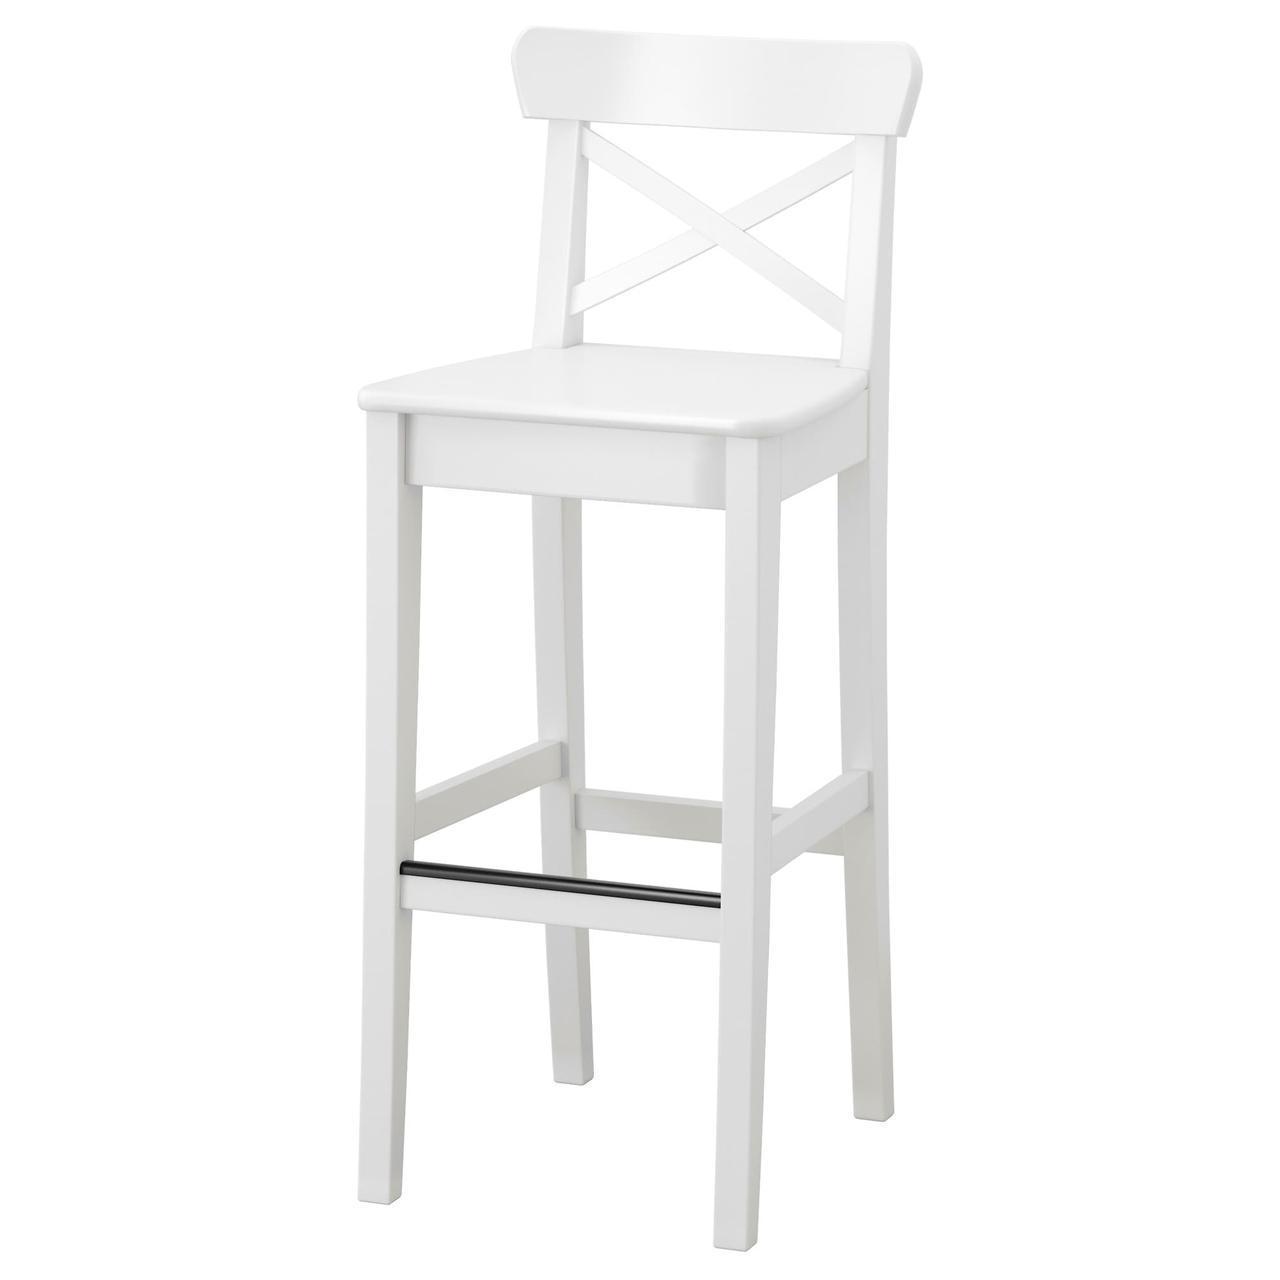 IKEA INGOLF (001.217.66) Барний стілець зі спинкою, білий 74 см